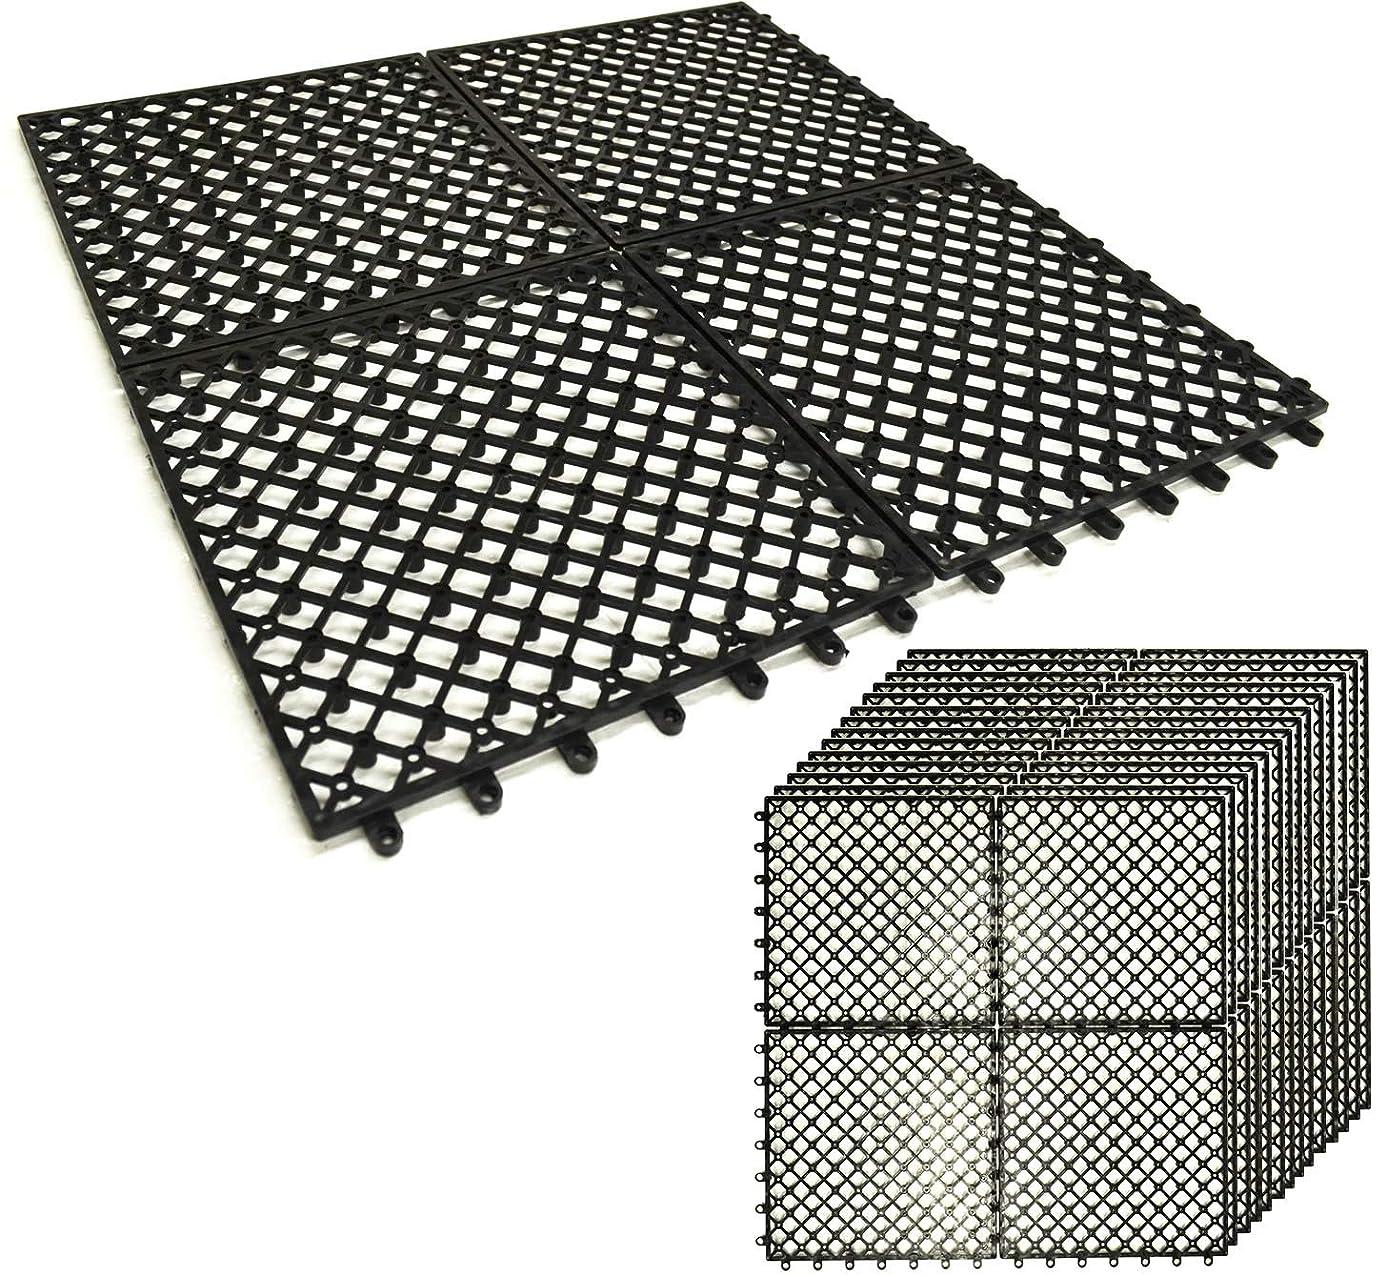 あるみがきますロバガーデンガーデン 1m幅にぴったり敷ける 人工芝用水はけ床マット 50cm×50cm 20枚セット (5m分)ジョイント式 FME-BASE0505-20P